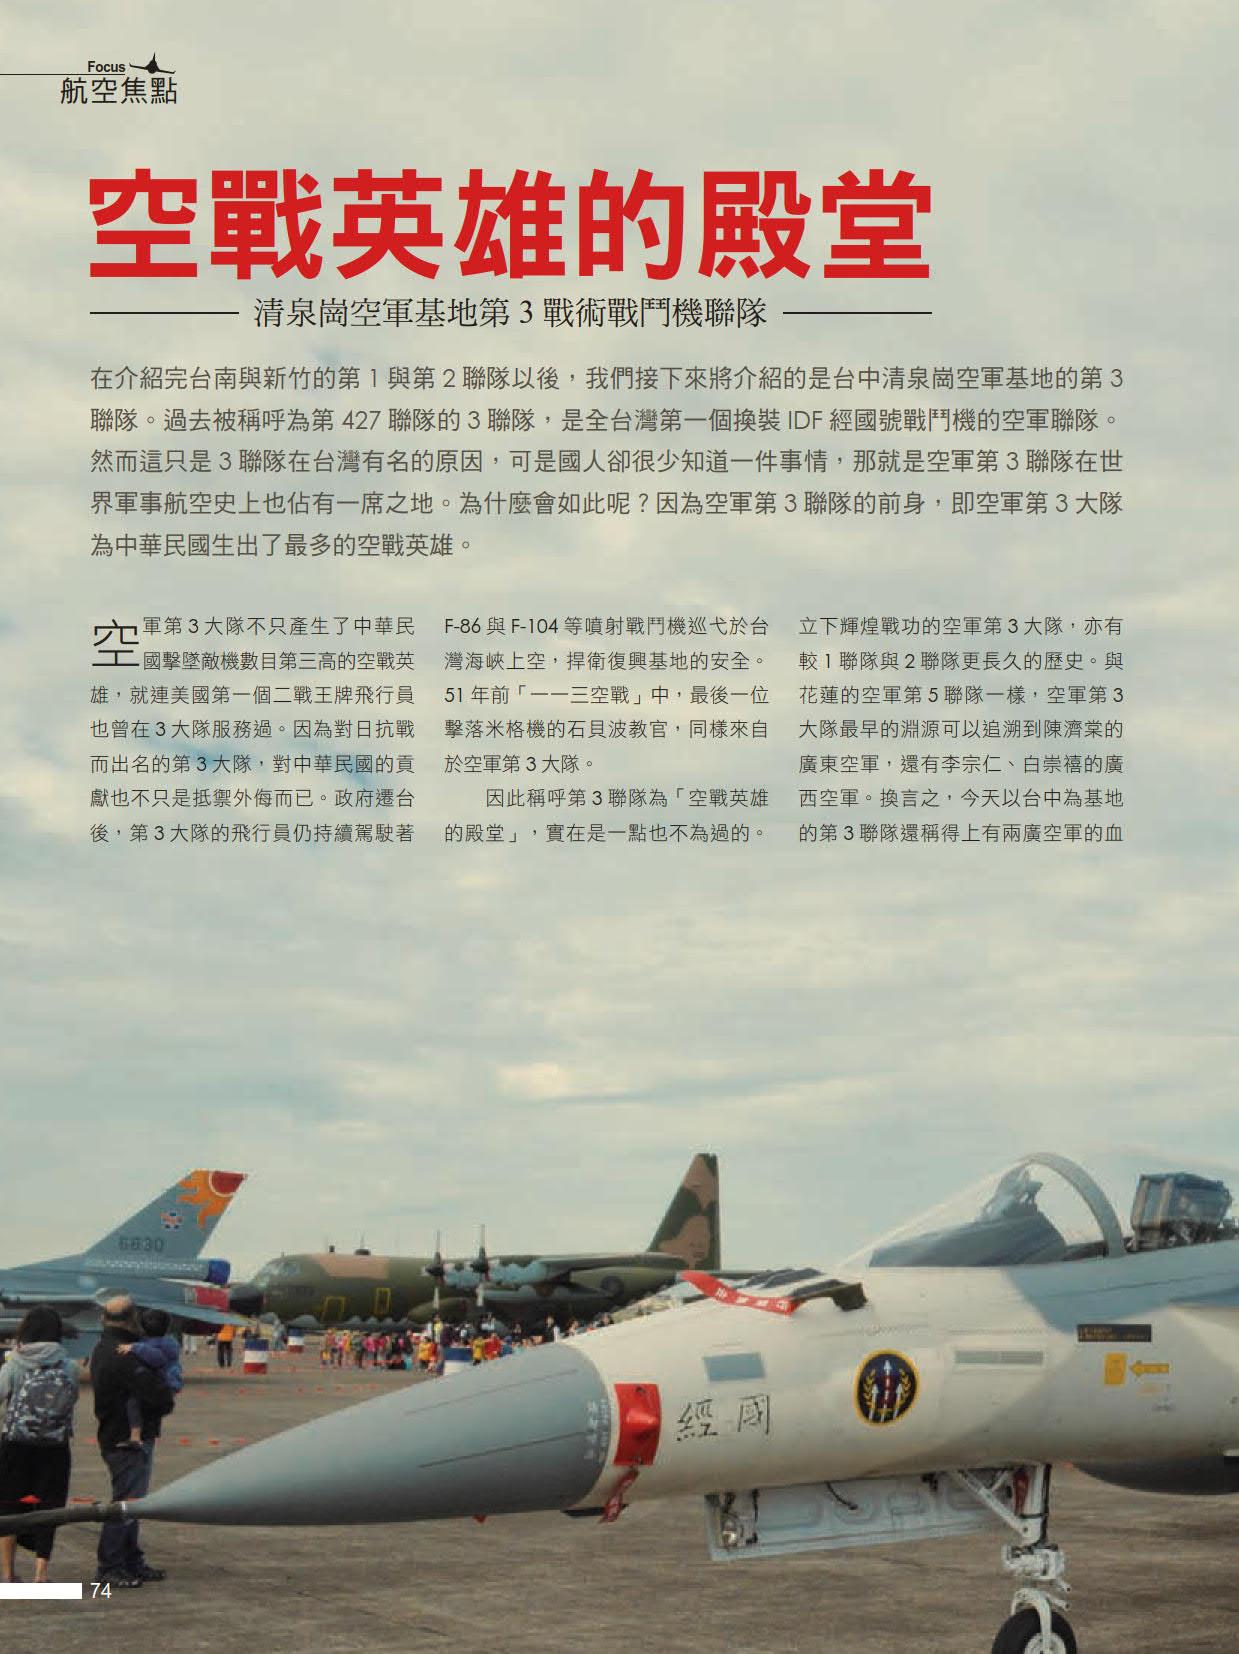 自衛隊 規則 航空 基地 服務